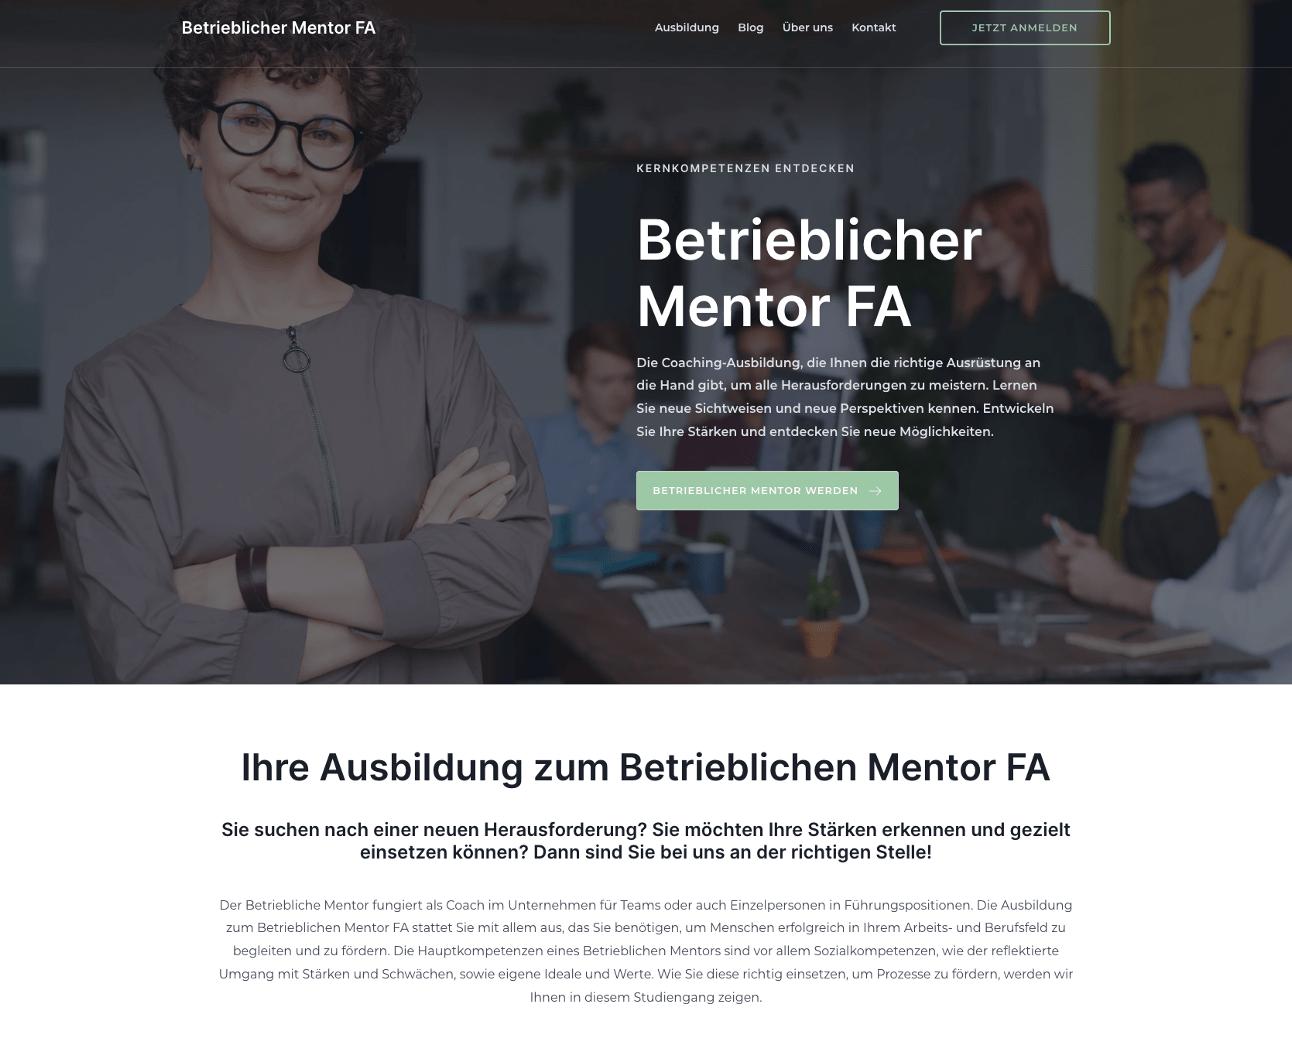 betrieblicher mentor